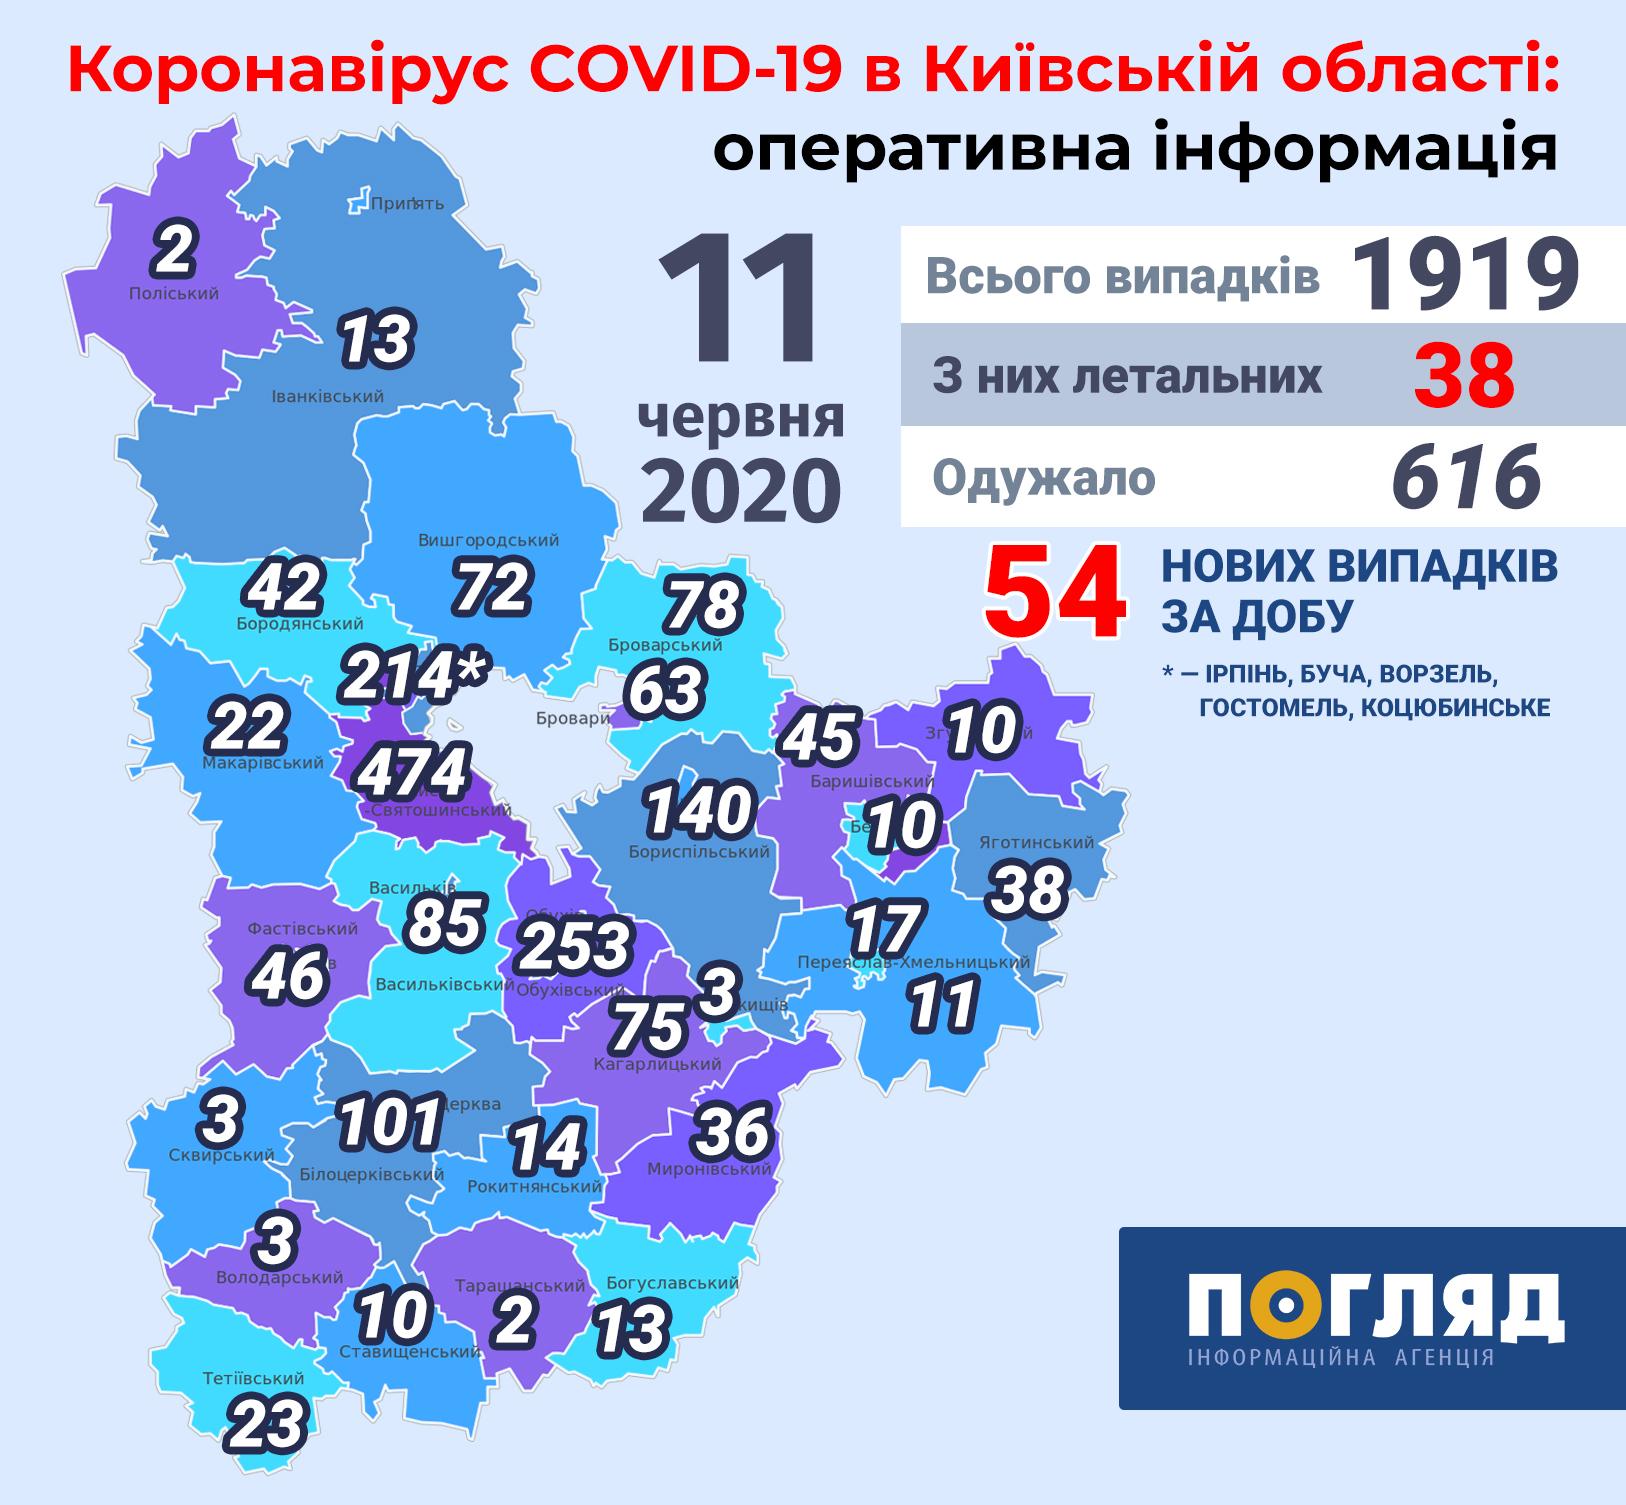 Вчора 29, сьогодні 54: за добу на Київщині зросла кількість хворих на COVID-19 -  - Kyiv regions covid19 new 5